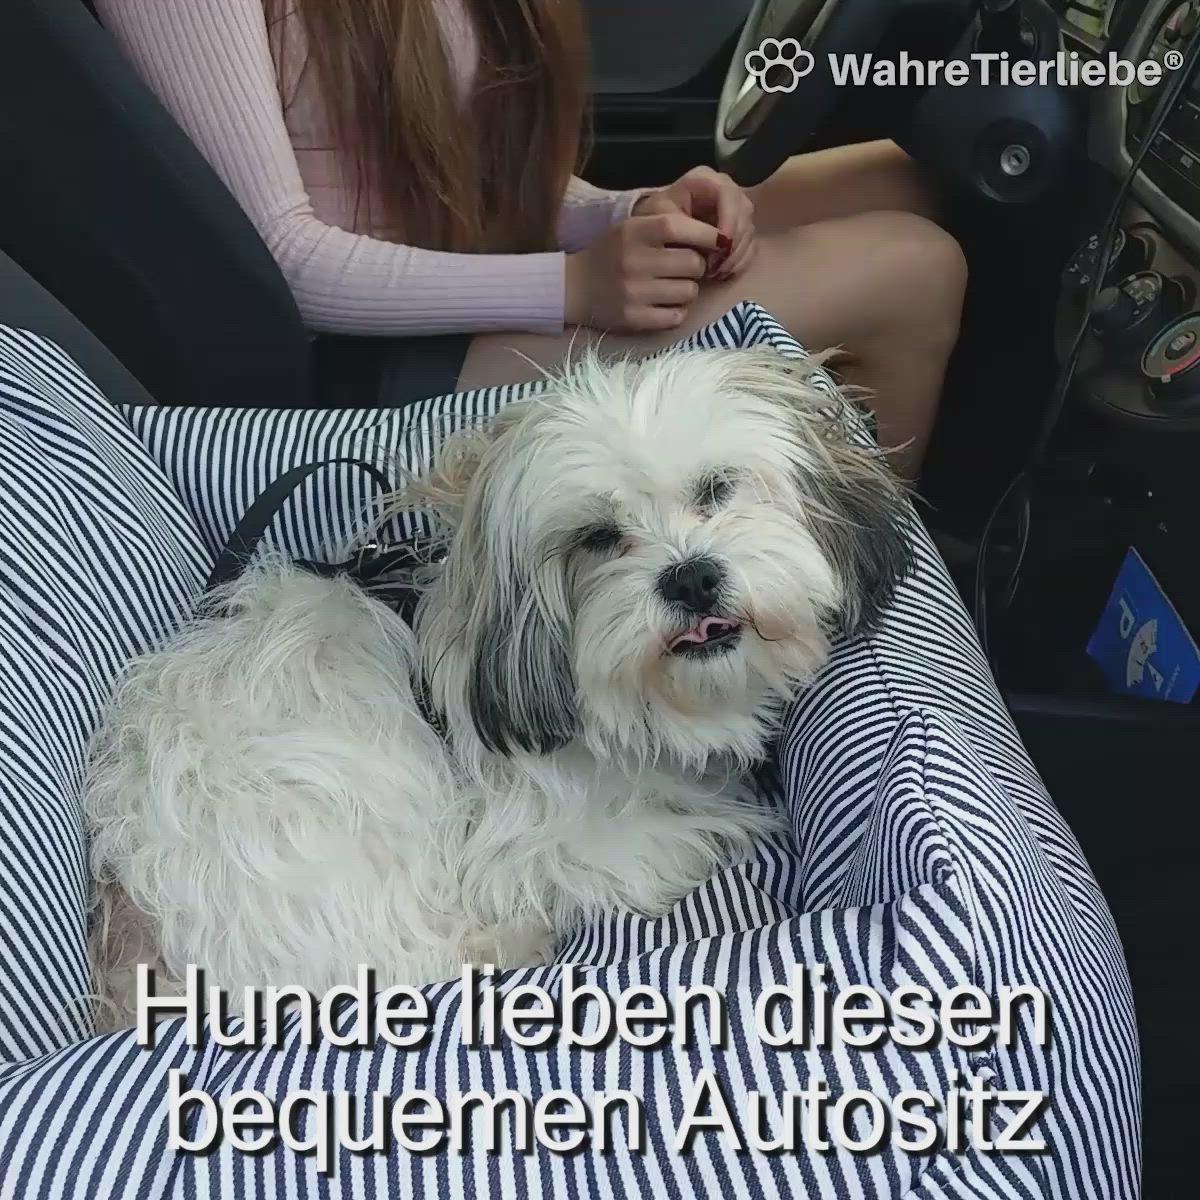 Vierbeiner Lieben Diesen Autositz Video In 2020 Hunde Hund Auto Hunde Welpen Erziehung